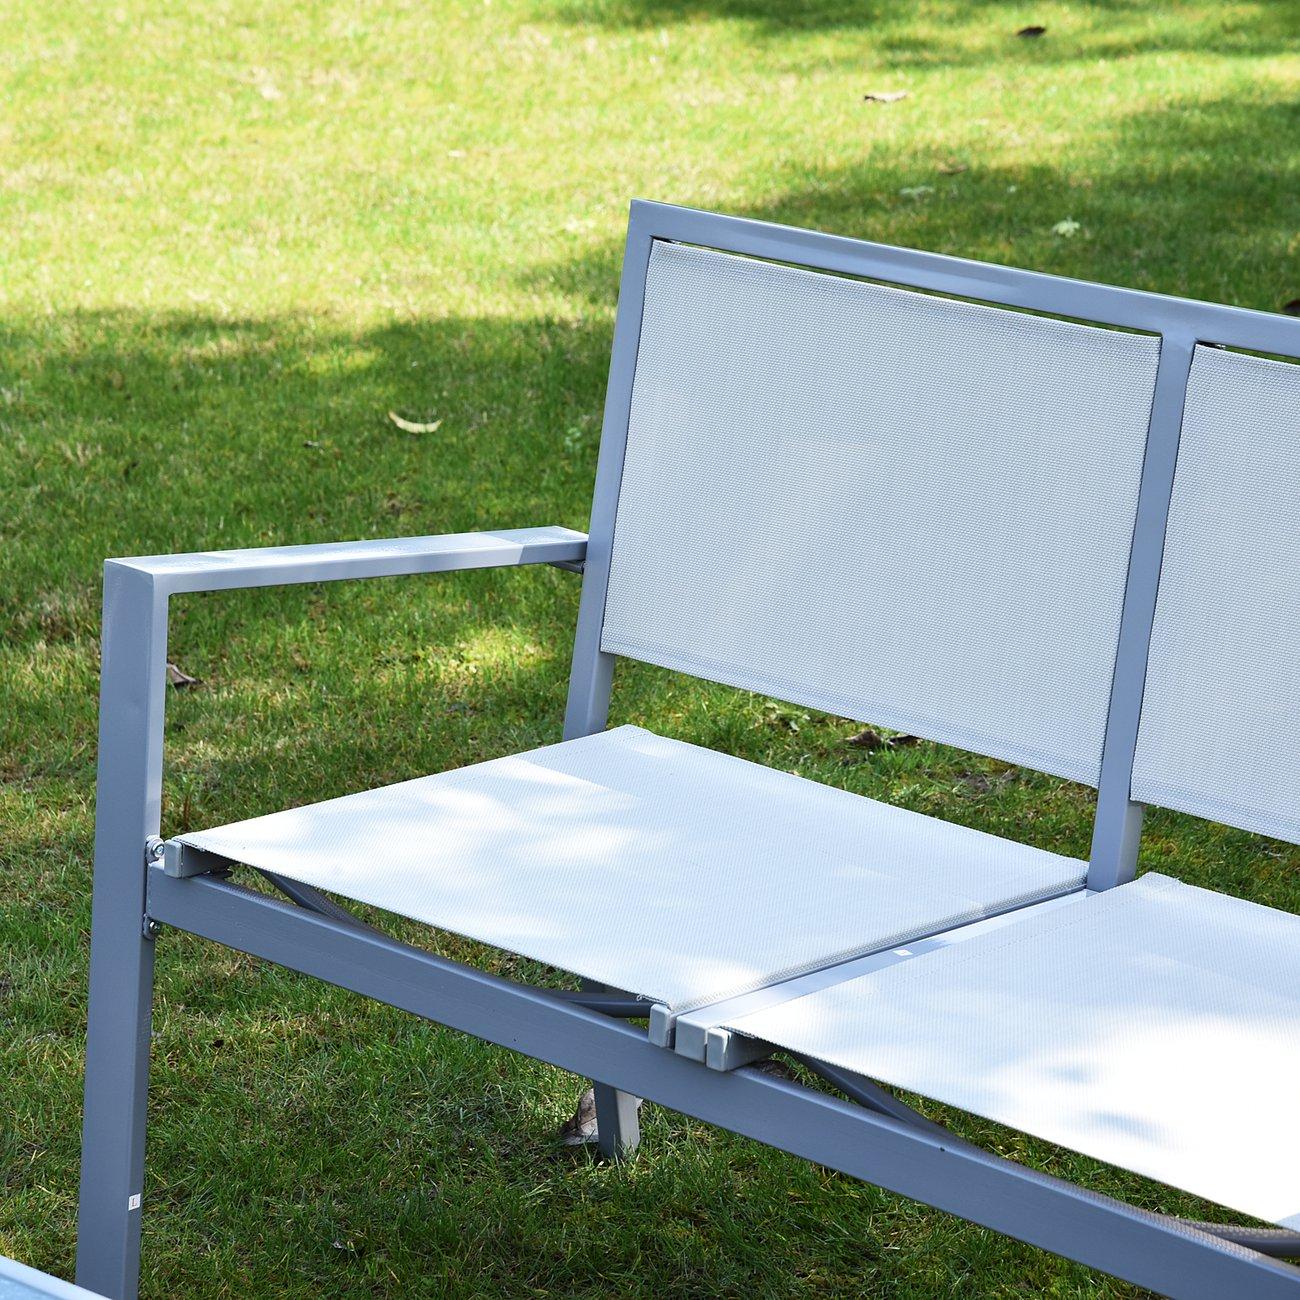 ensemble salon de jardin meuble de jardin 4 places en textilene 1 canape 2 fauteuils 1 table casse cadre en acier gris 6 v8